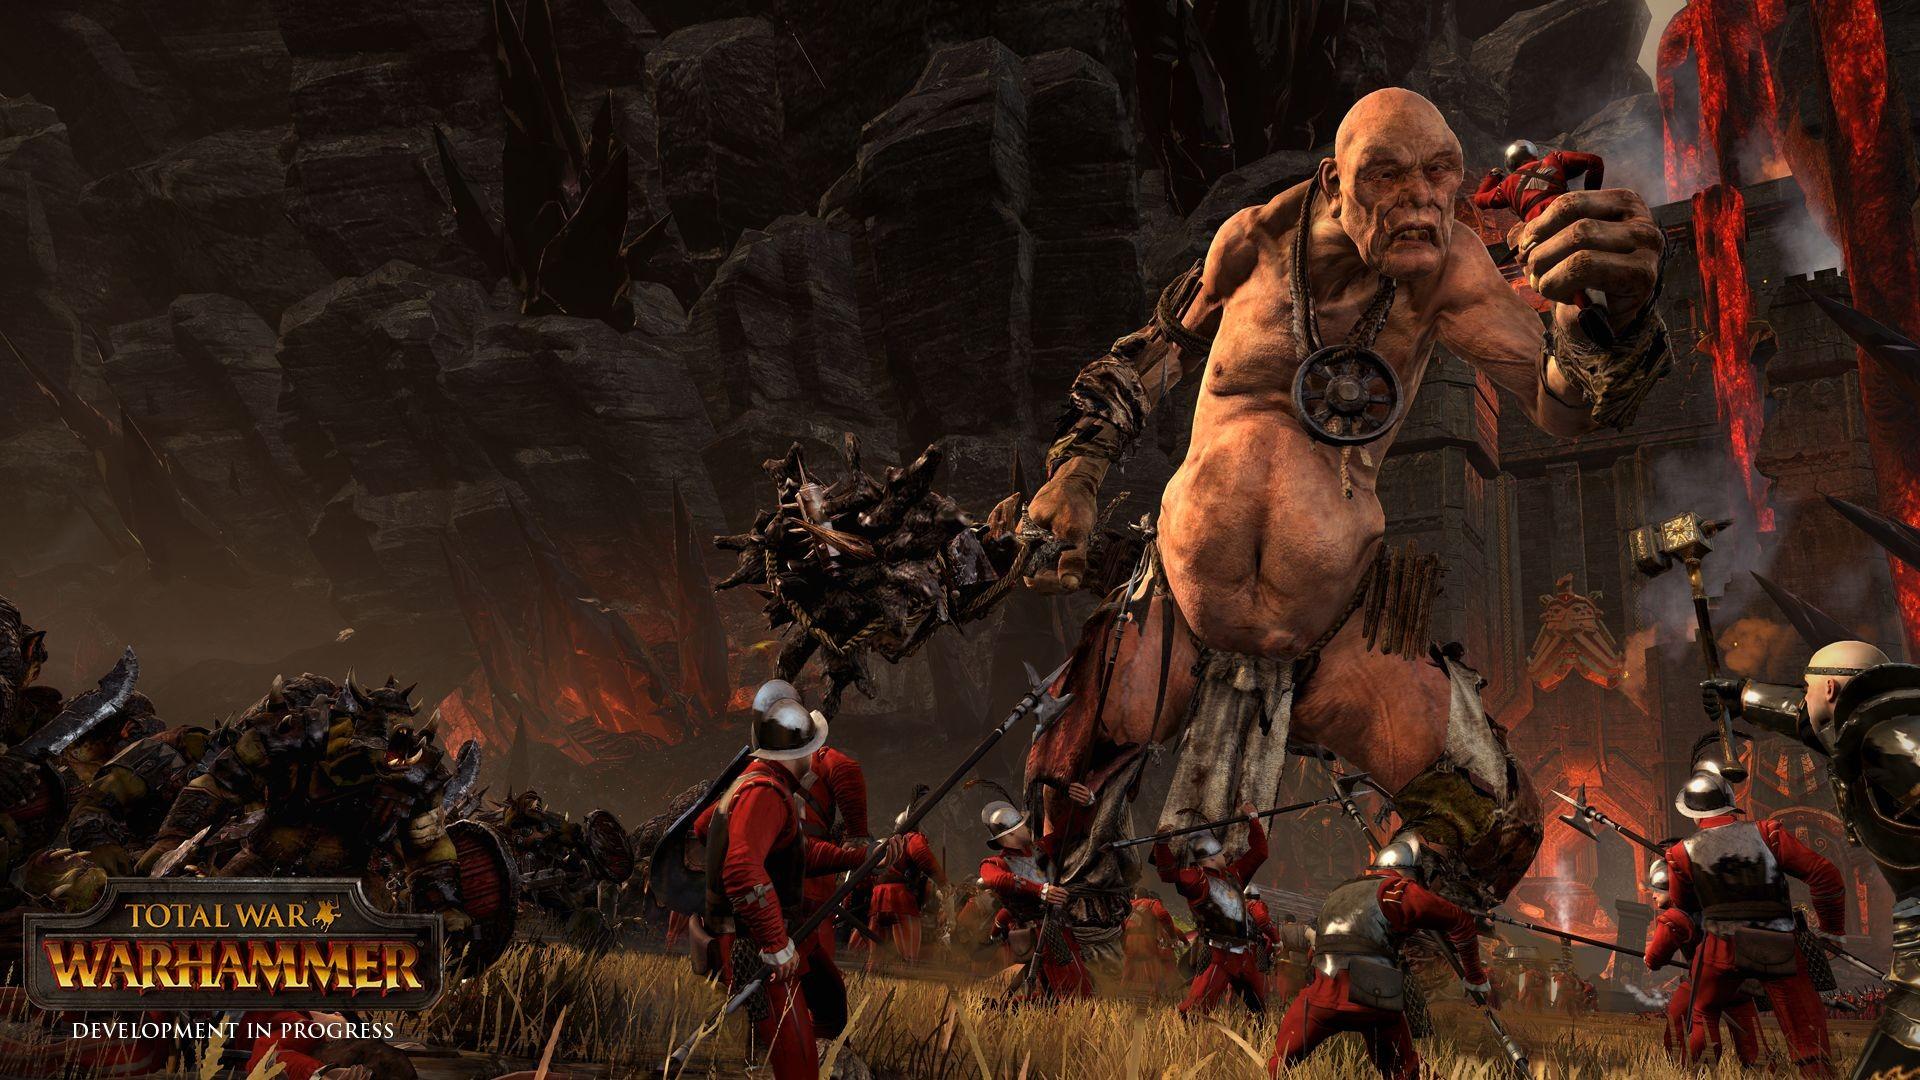 Wallpaper Battle Demon Pc Gaming Mythology Total War Warhammer